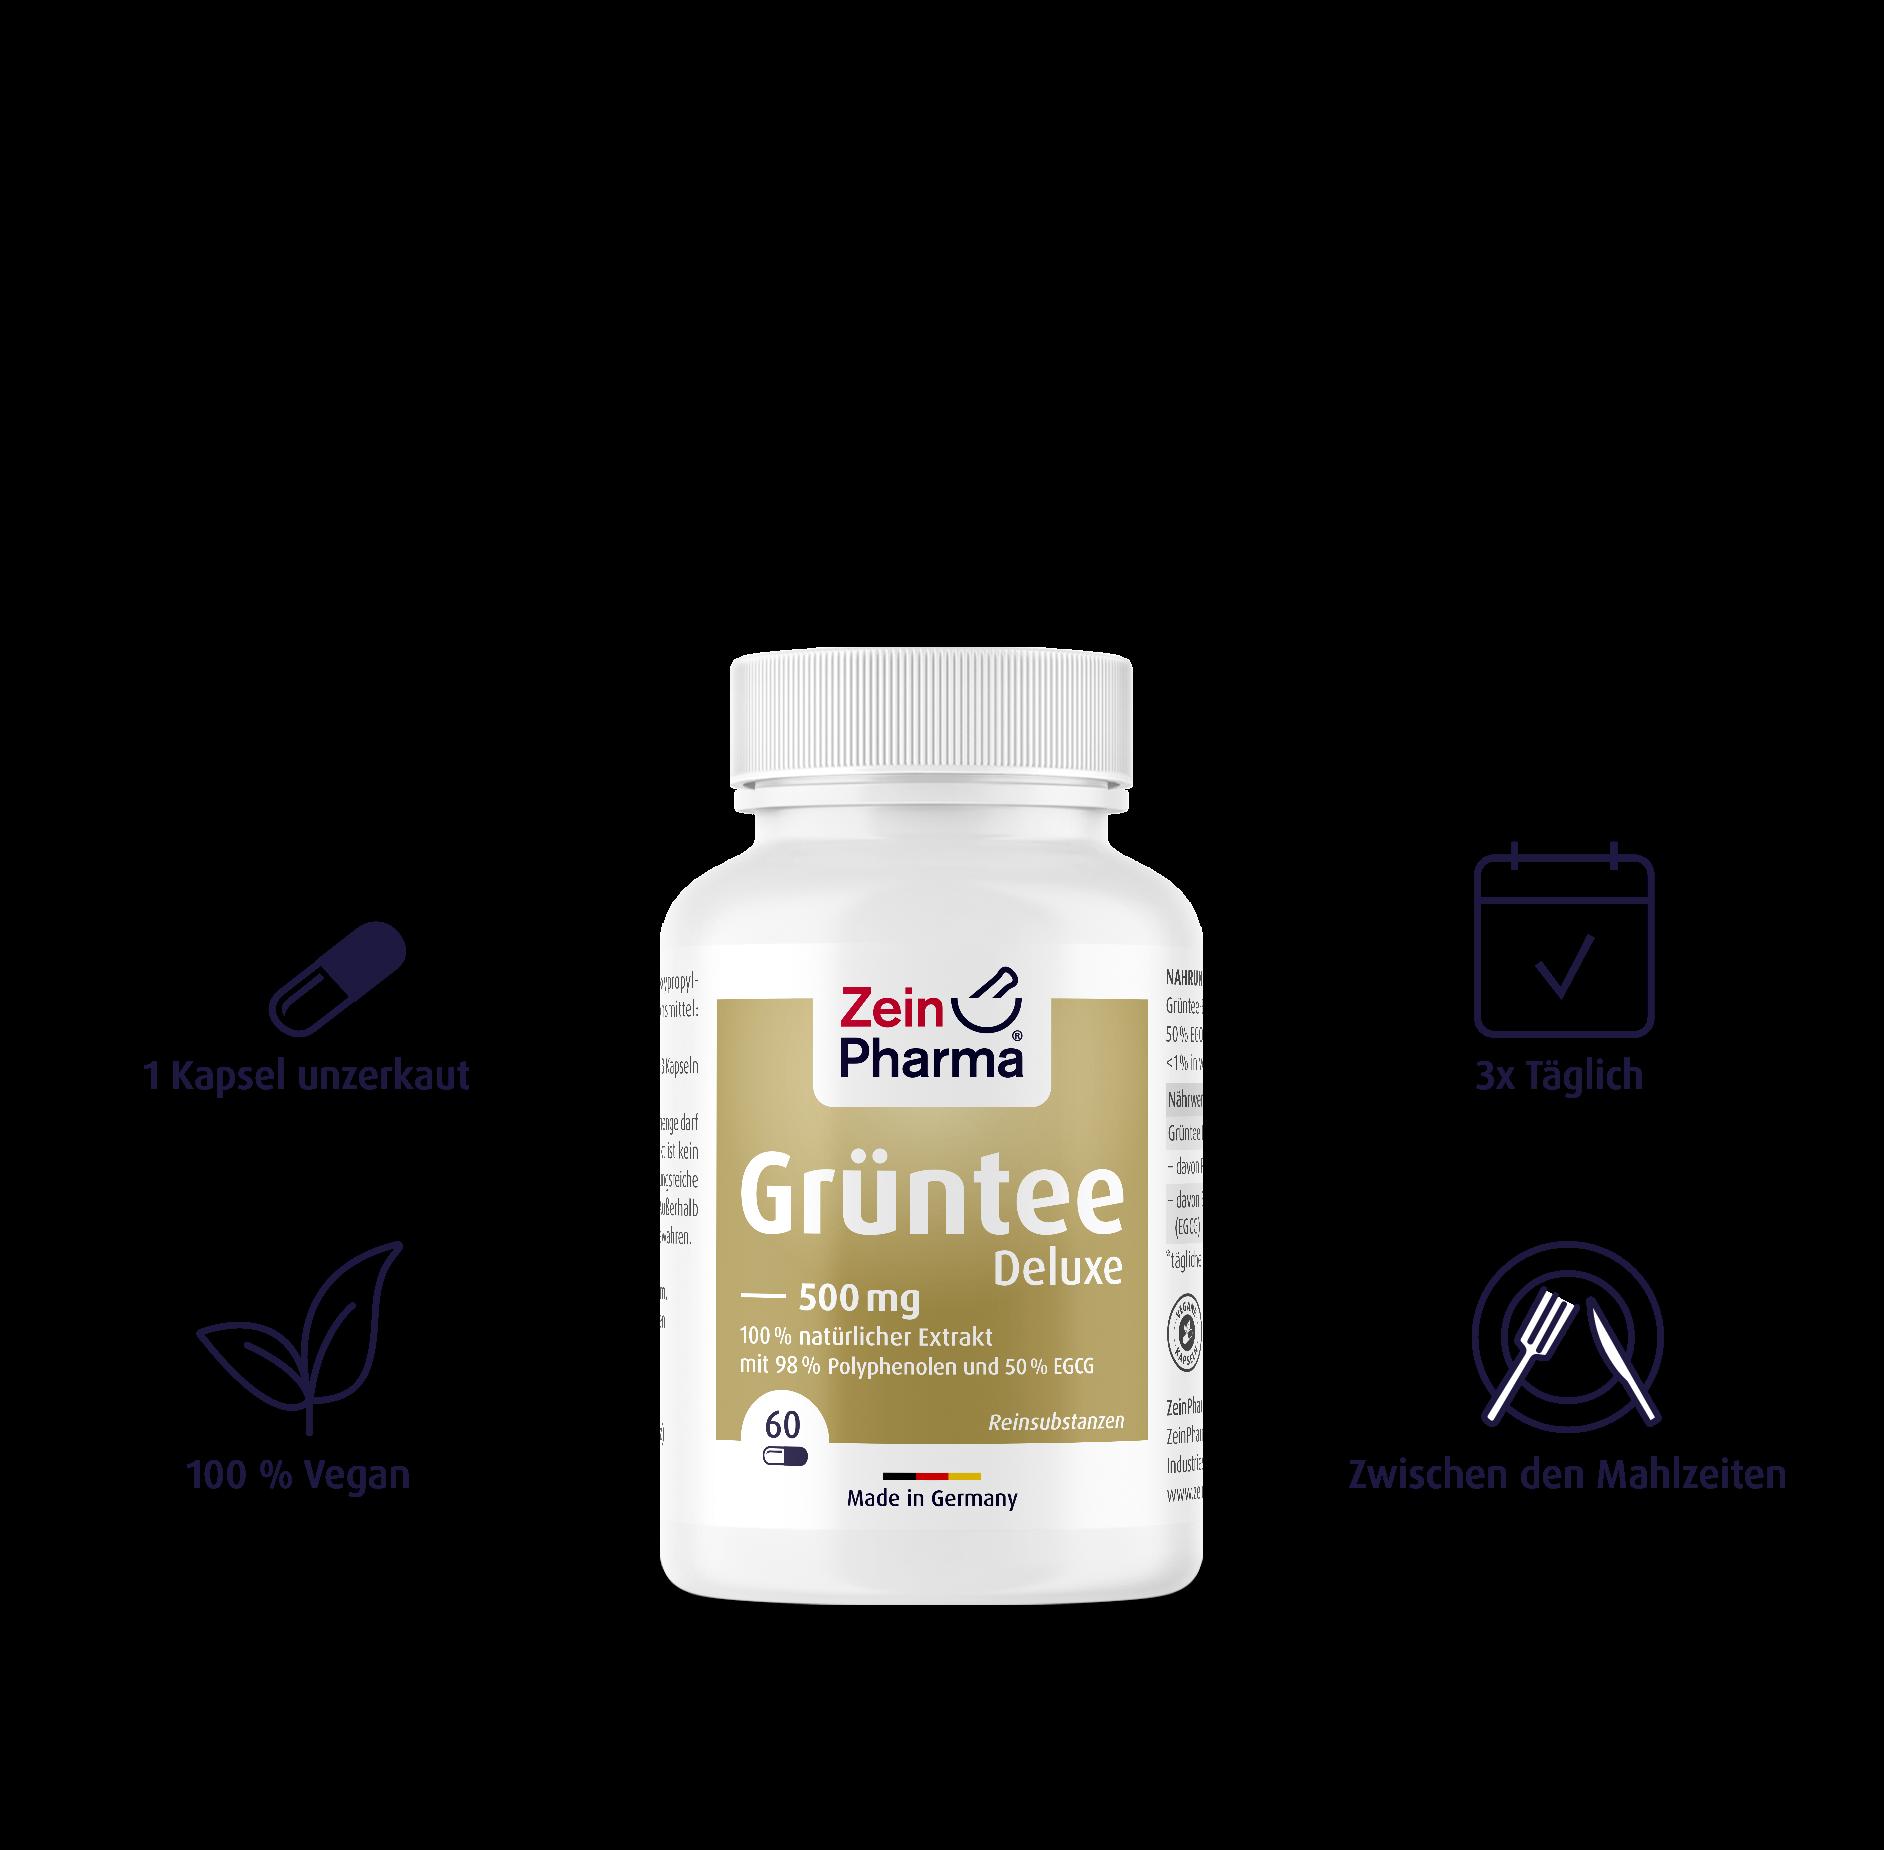 Grüntee Deluxe Kapseln 500 mg